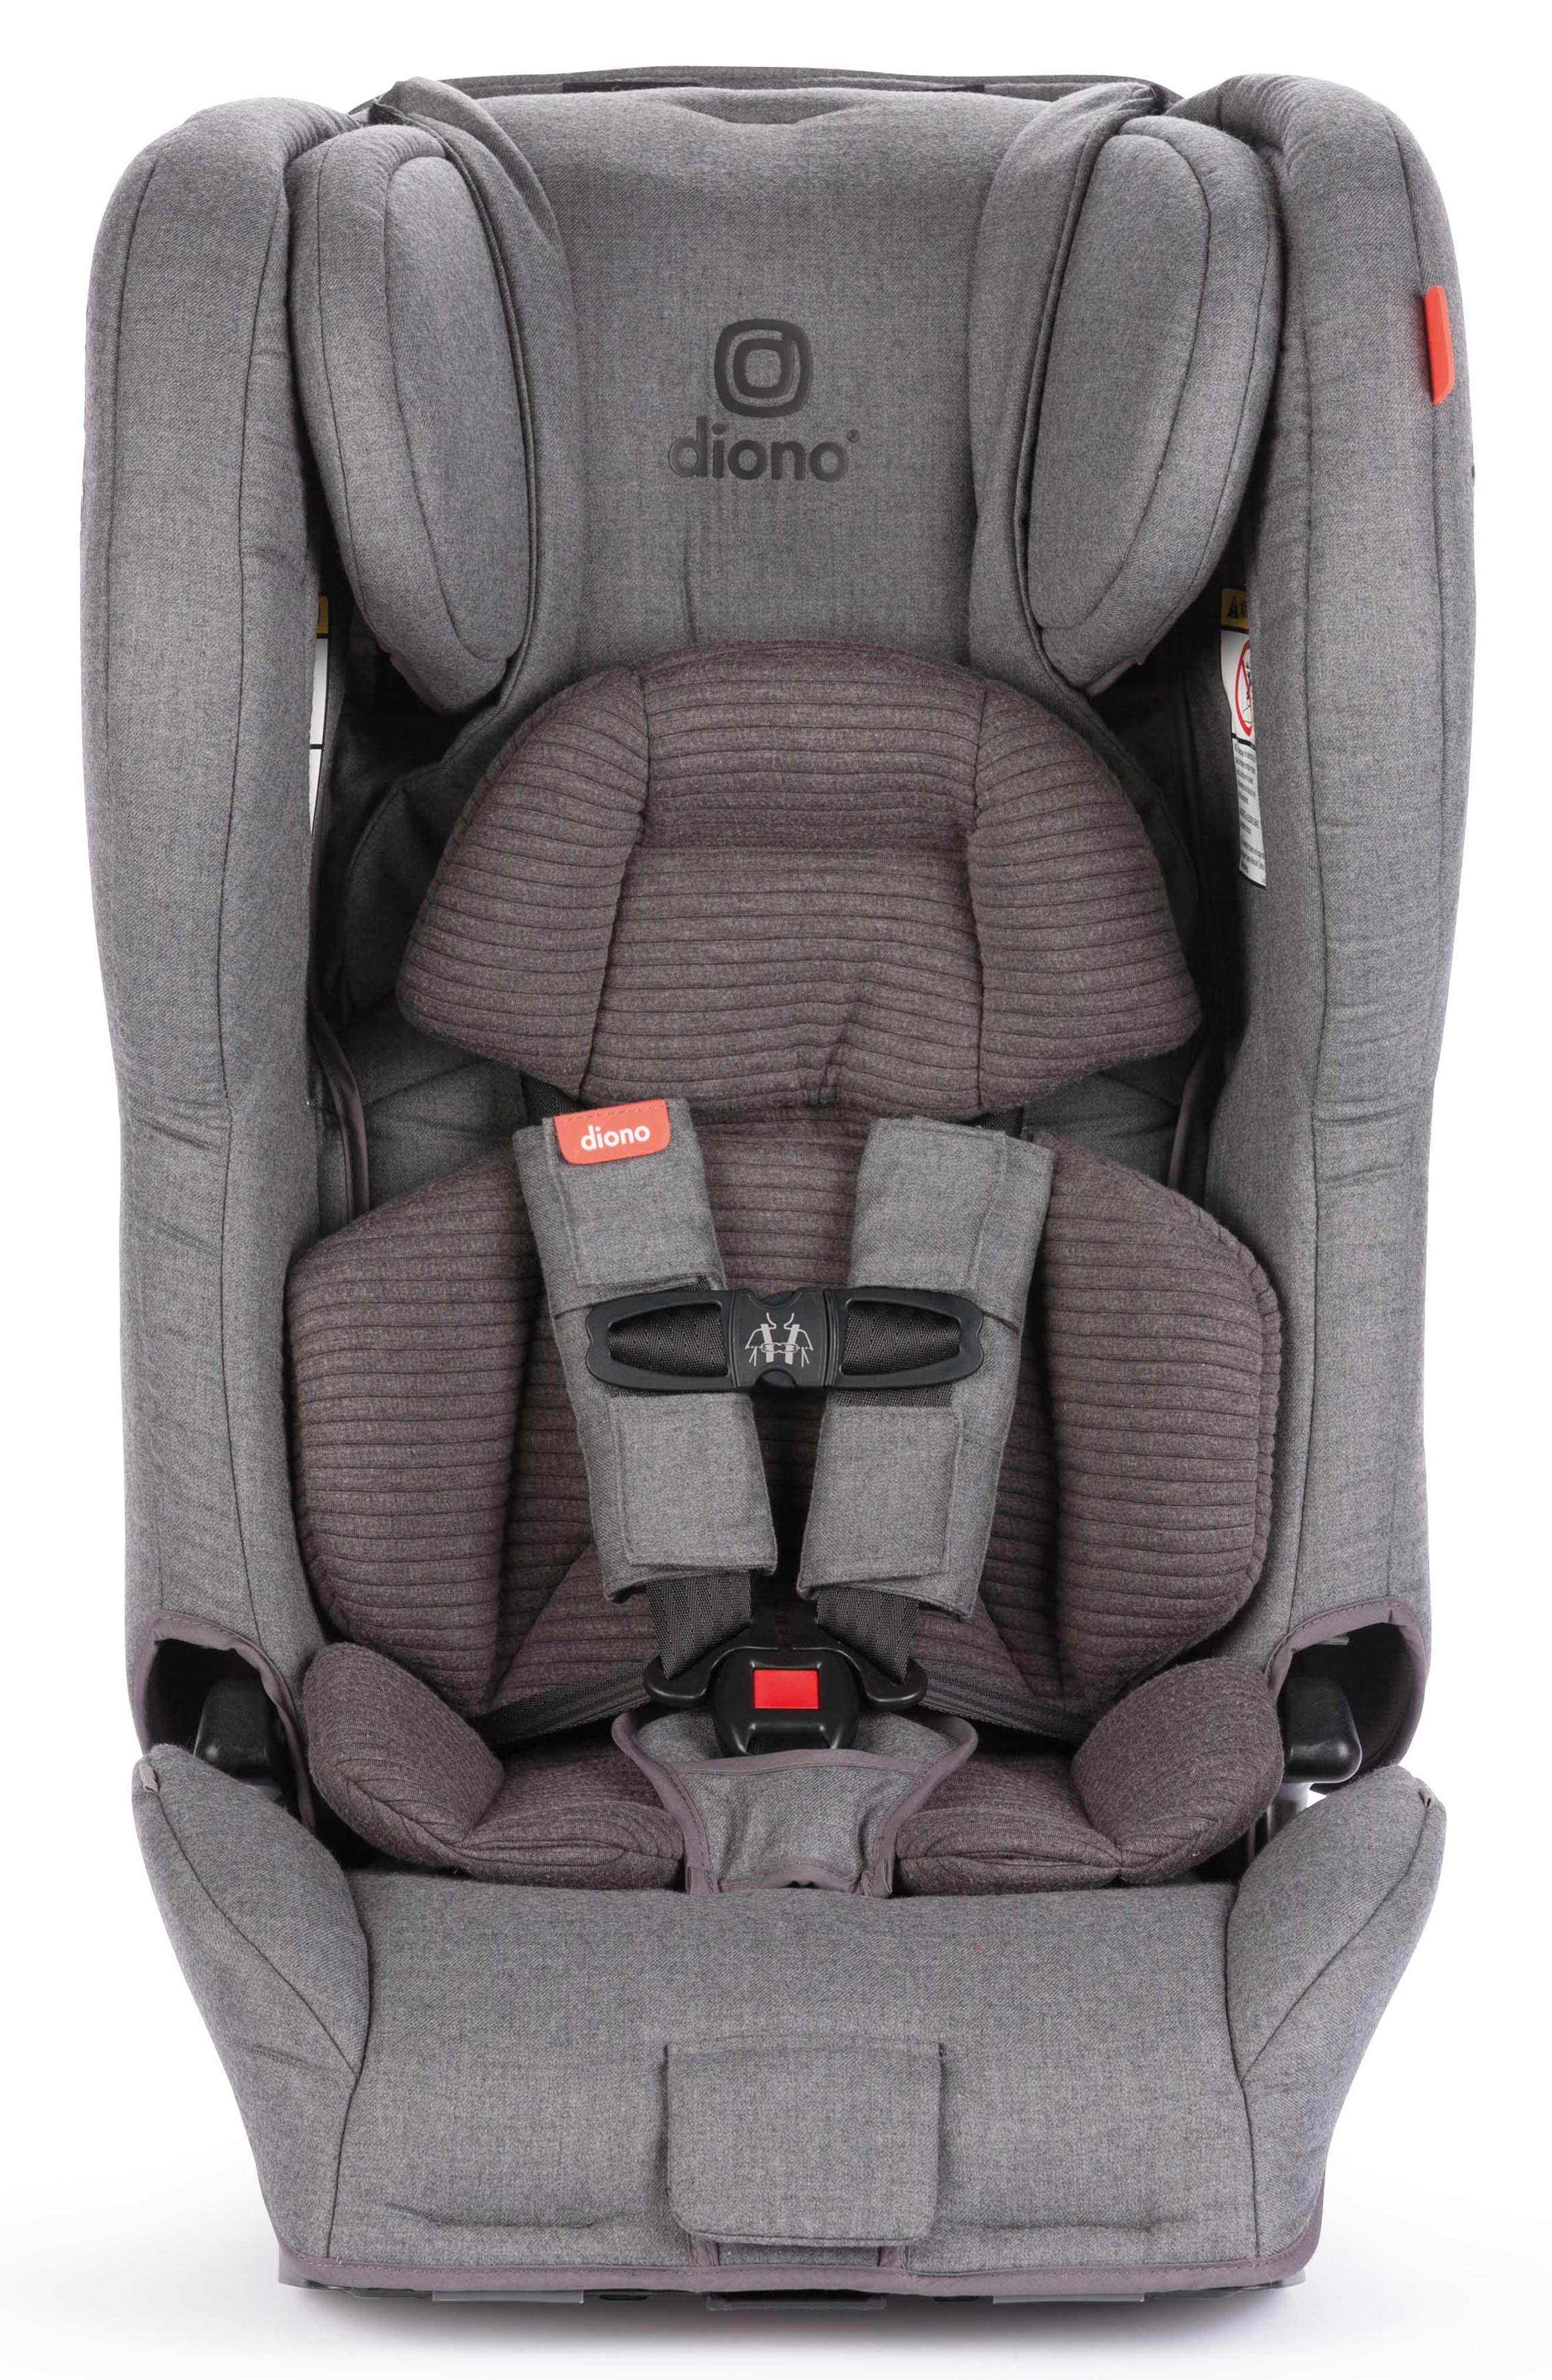 Infant Diono Rainier 2 Axt Car Seat Size One Size  Grey